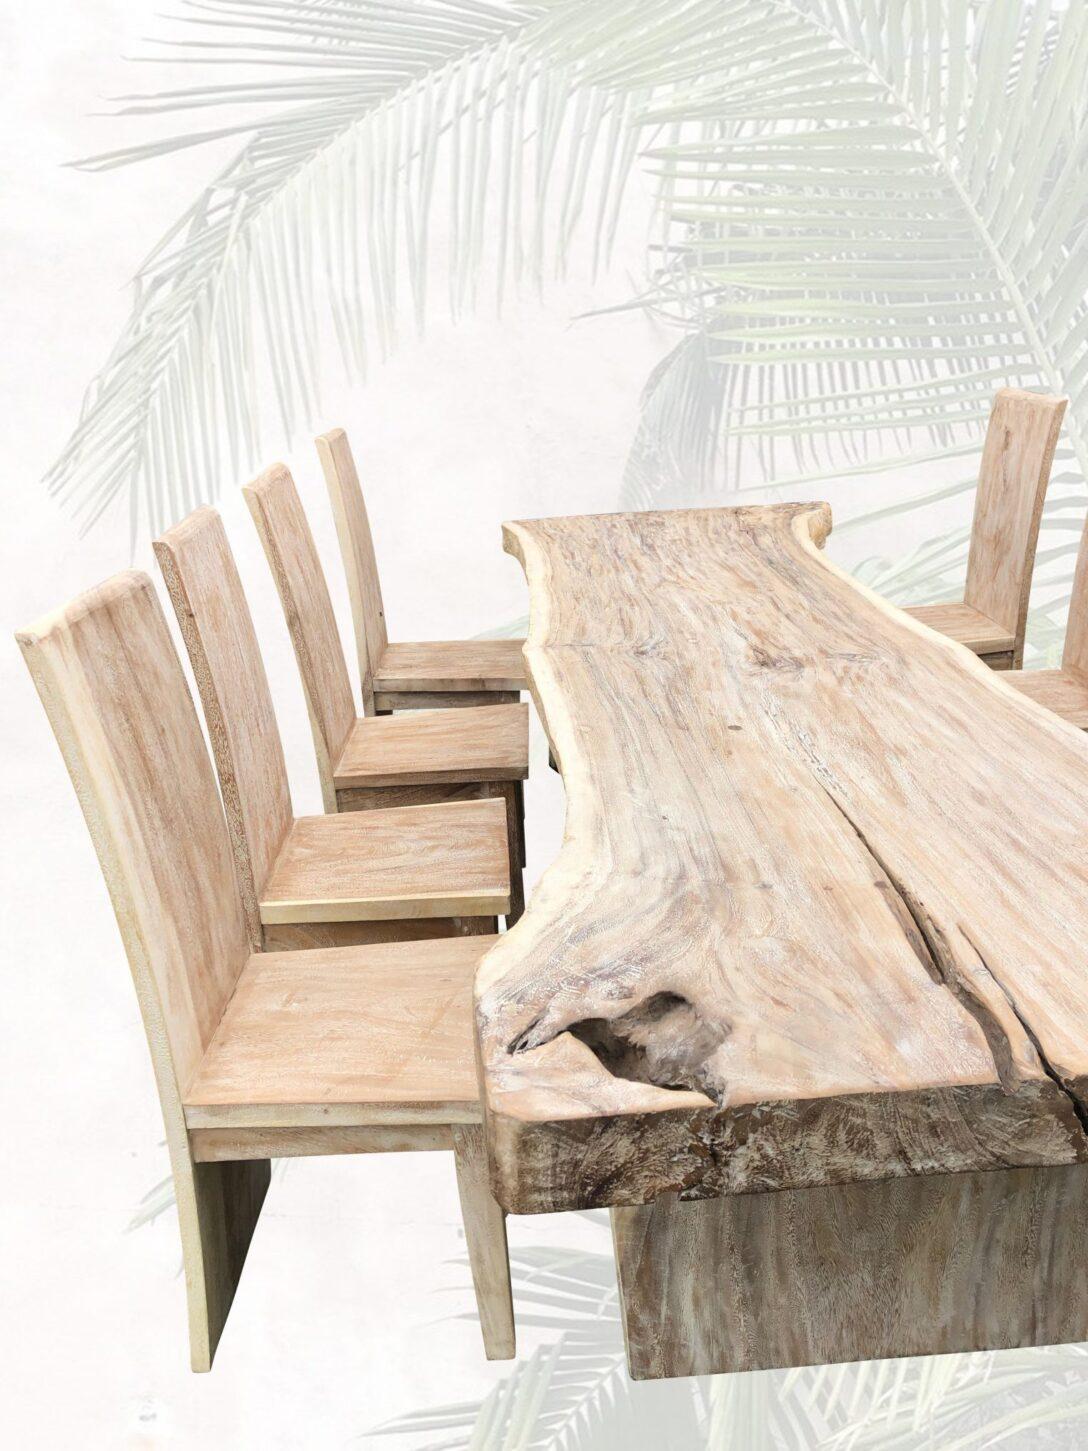 Large Size of Groer Esstisch Massivholz Mit 8 Sthlen Dari Asia Antike Massiv Sofa 80x80 Glas Moderne Esstische Für Ausziehbar Landhaus Modern Beton Rustikal Holz Industrial Esstische Esstisch Stühle